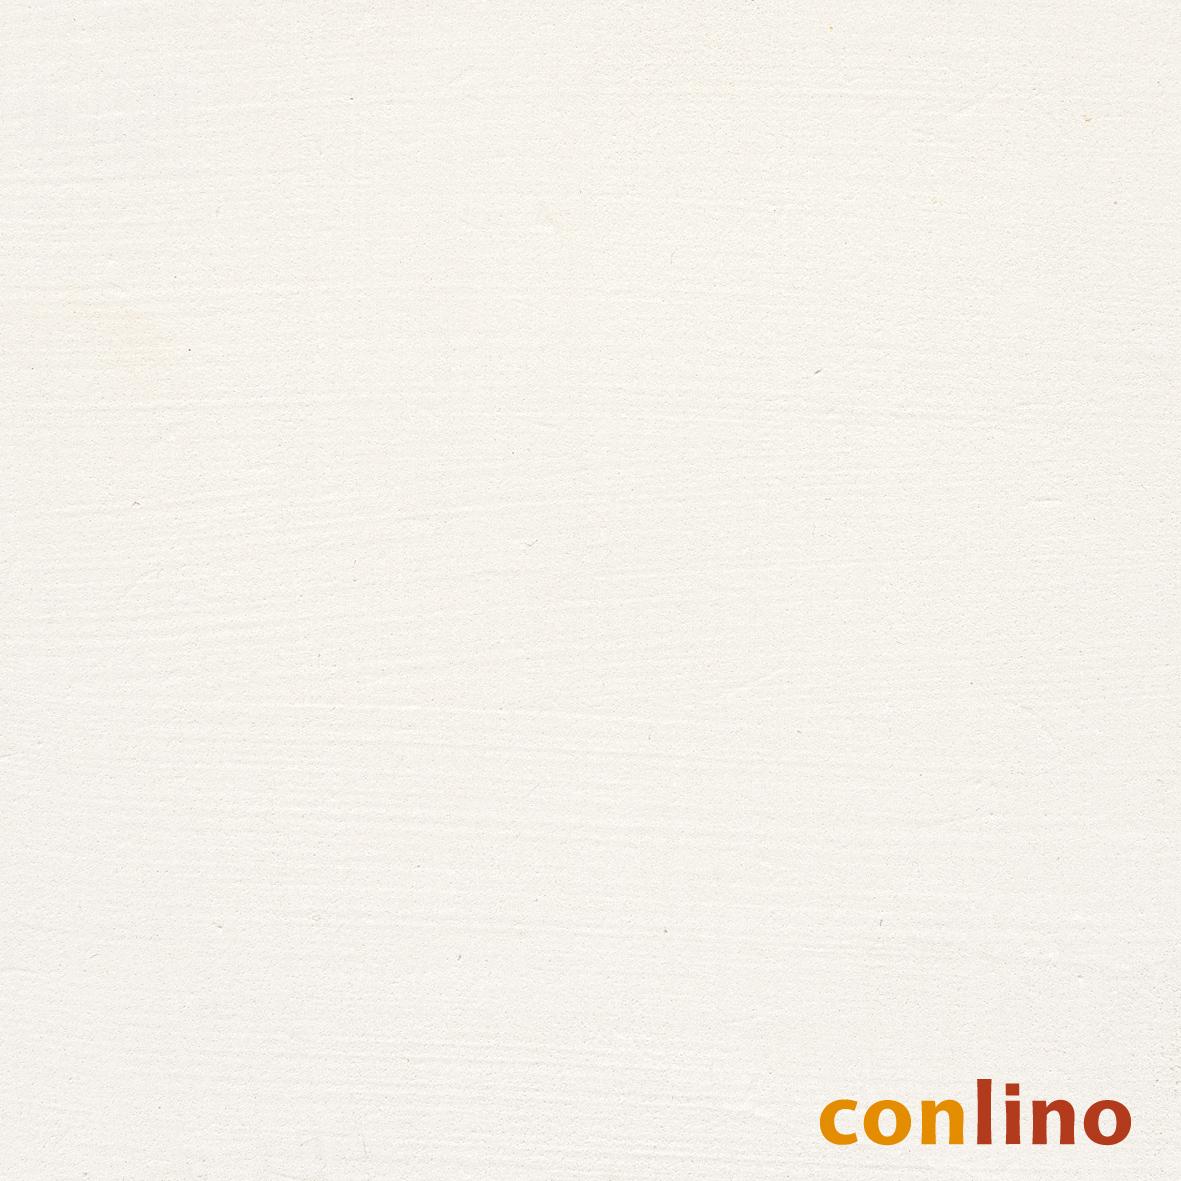 conlino Lehmfarbe Bilbao hell CL 111